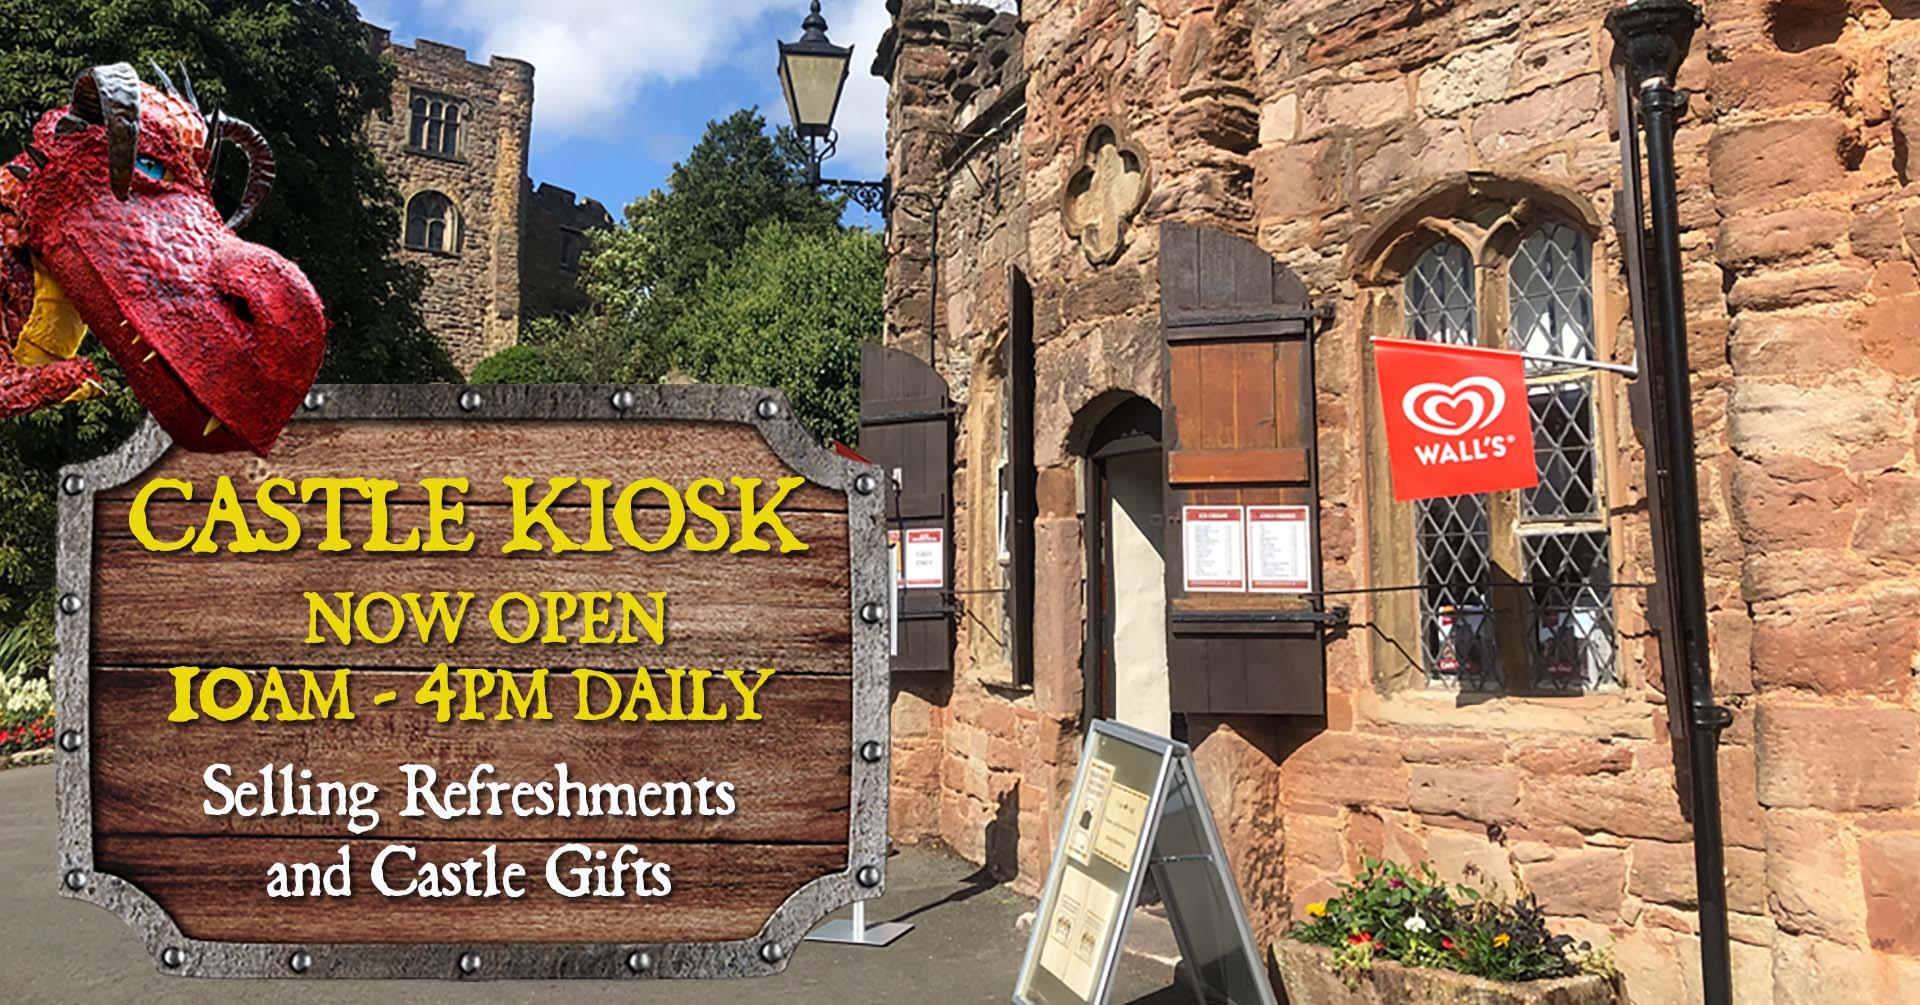 Castle Kiosk